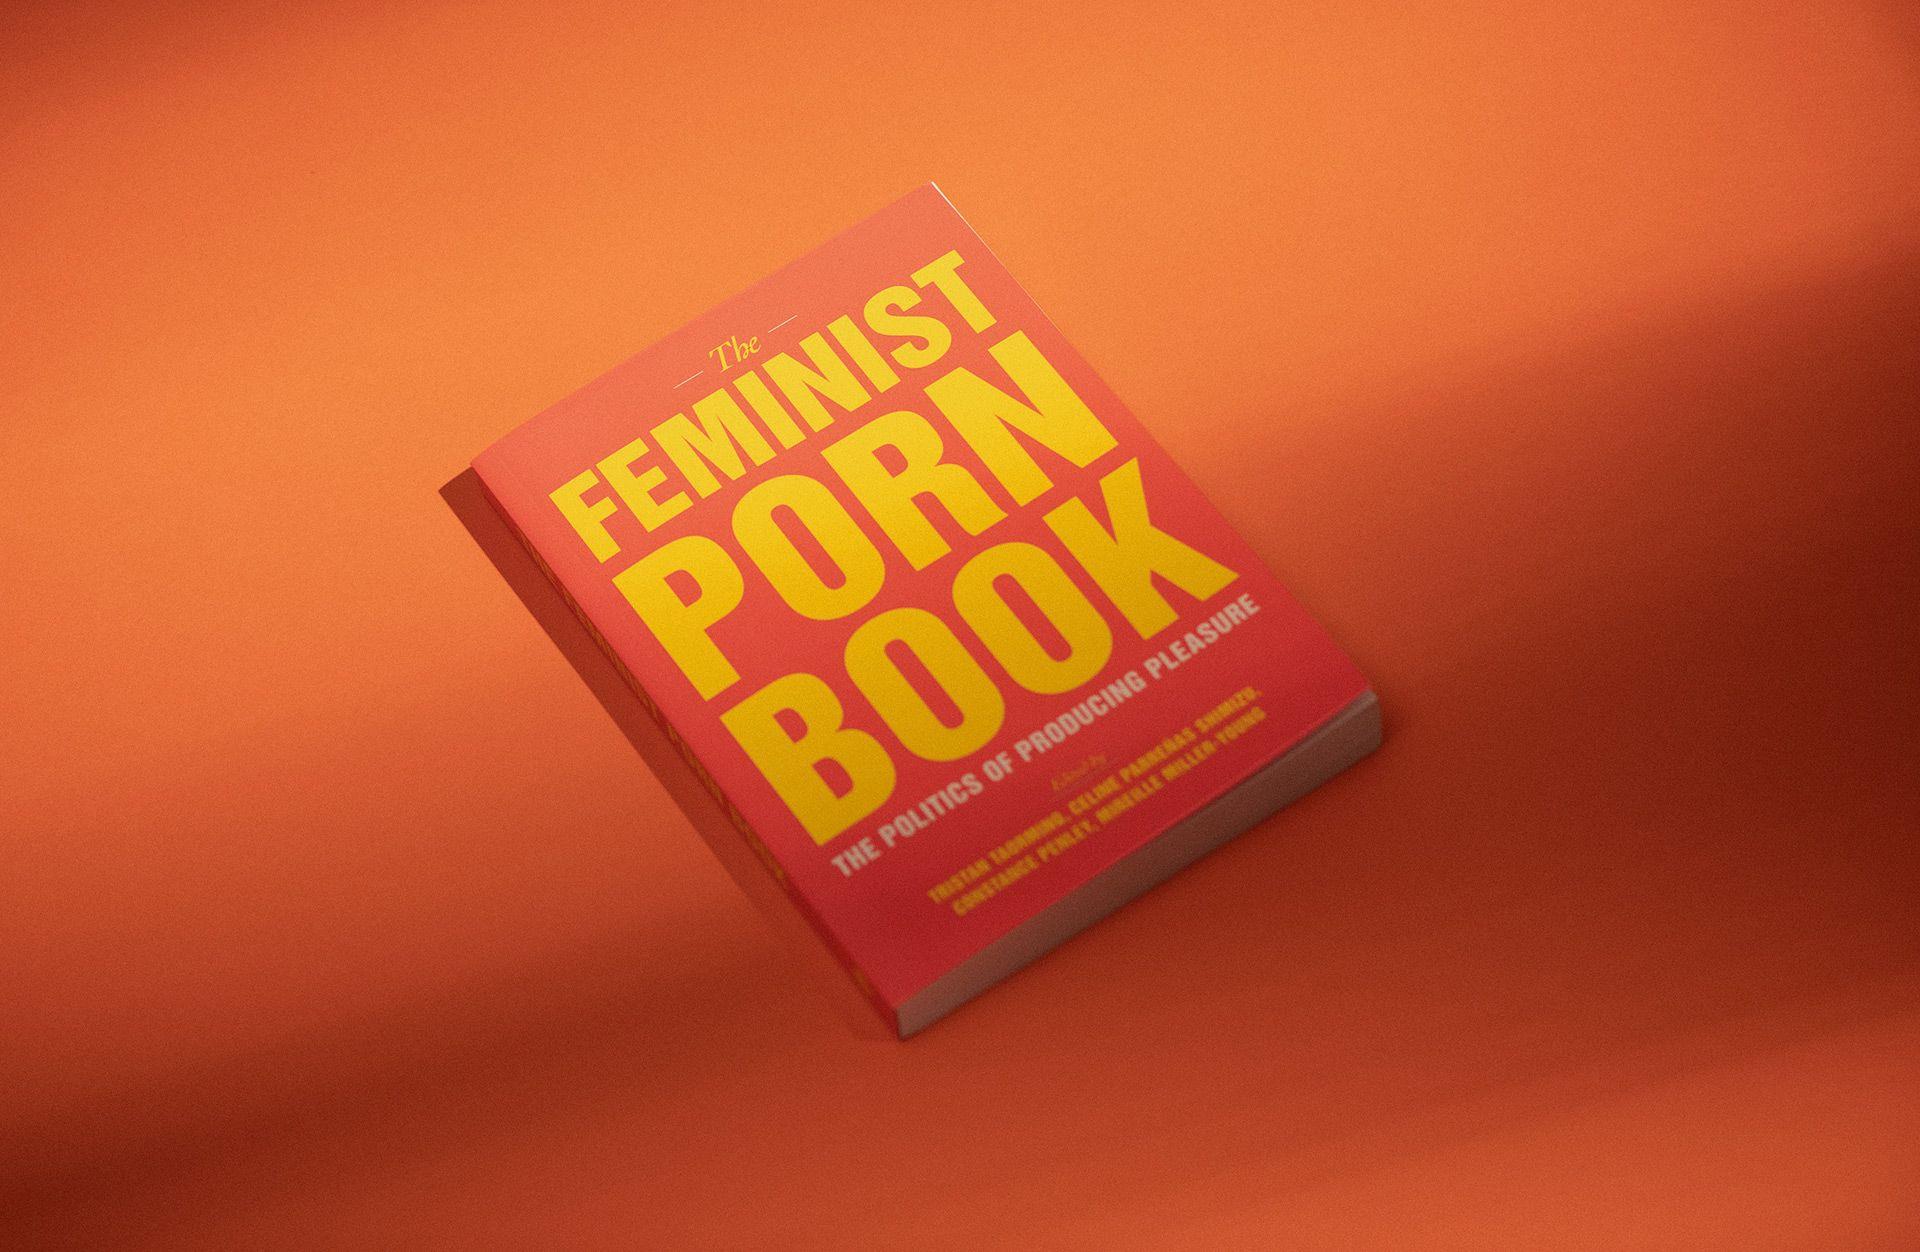 Livre à la couverture souple de teinte orange intitulé THE FEMINIST PORN BOOK en jaune sur fond orange.